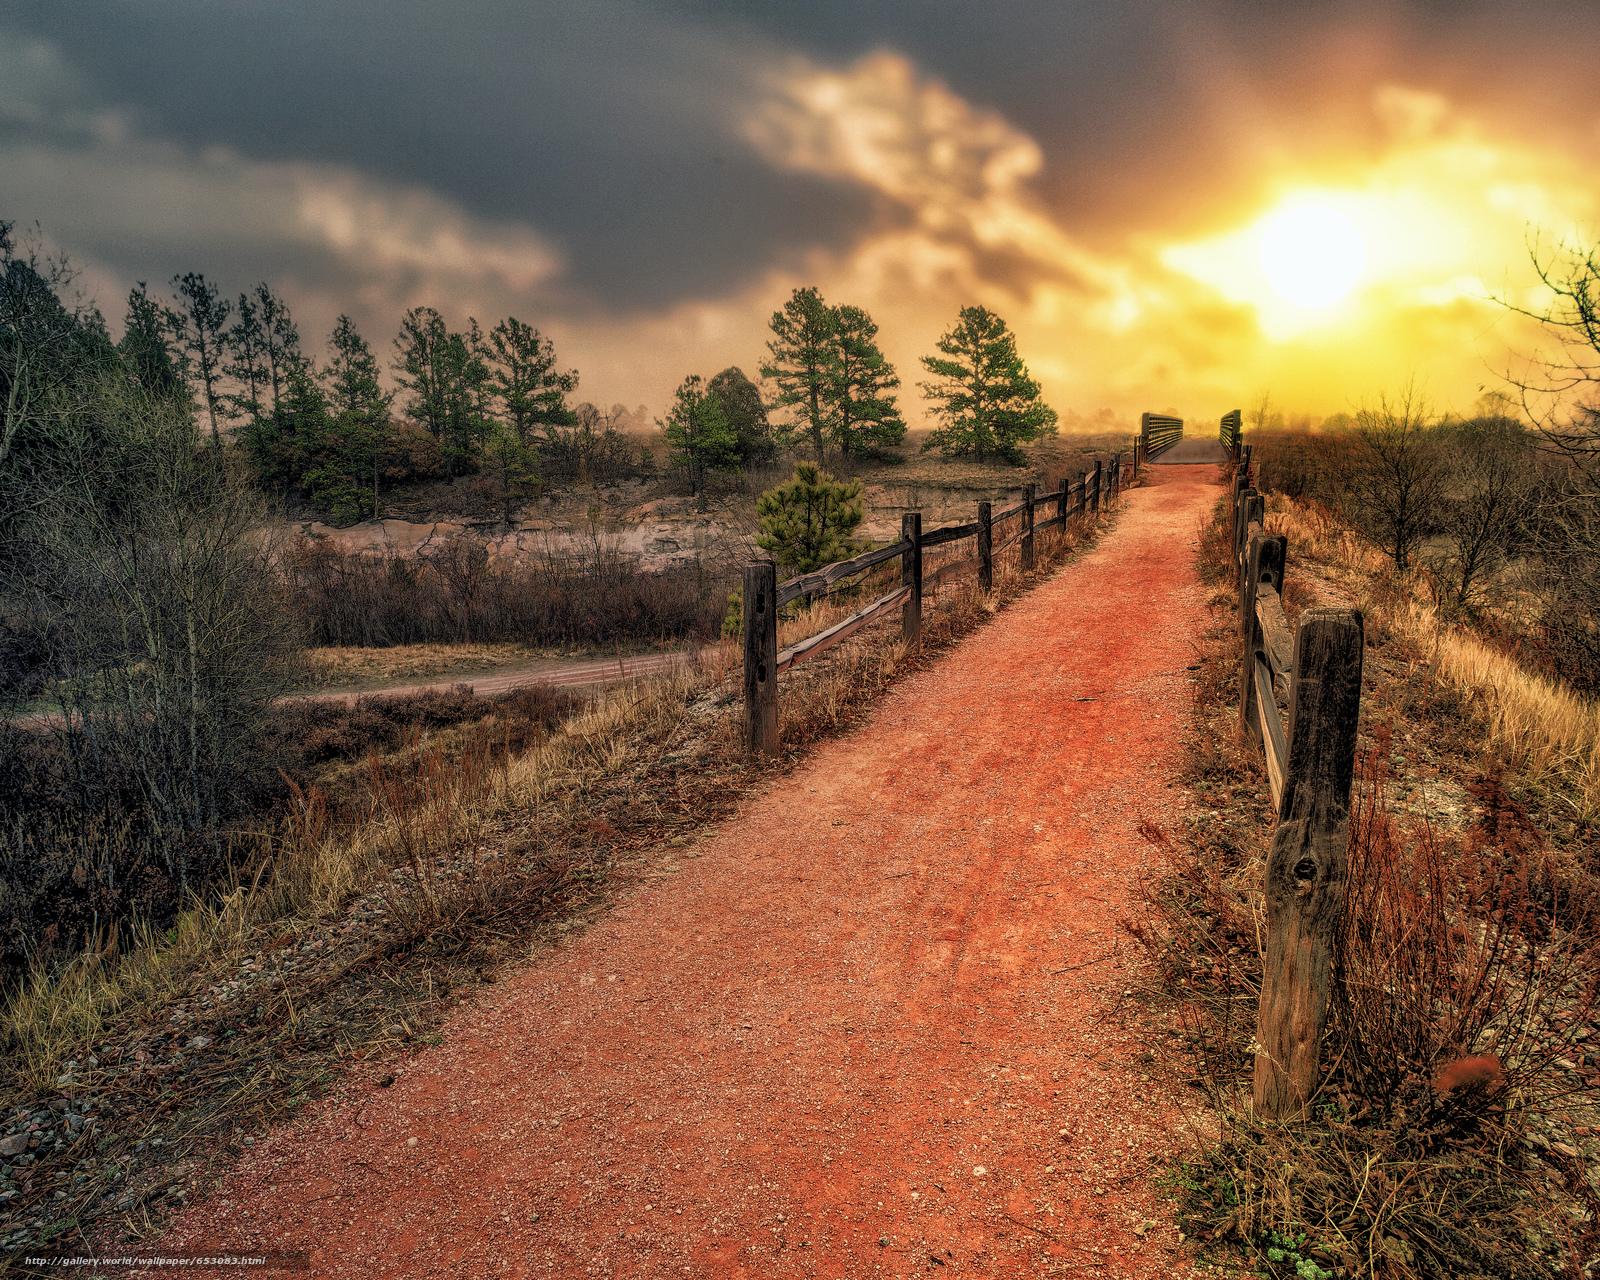 Скачать обои закат,  дорога,  деревья,  забор бесплатно для рабочего стола в разрешении 4914x3931 — картинка №653083